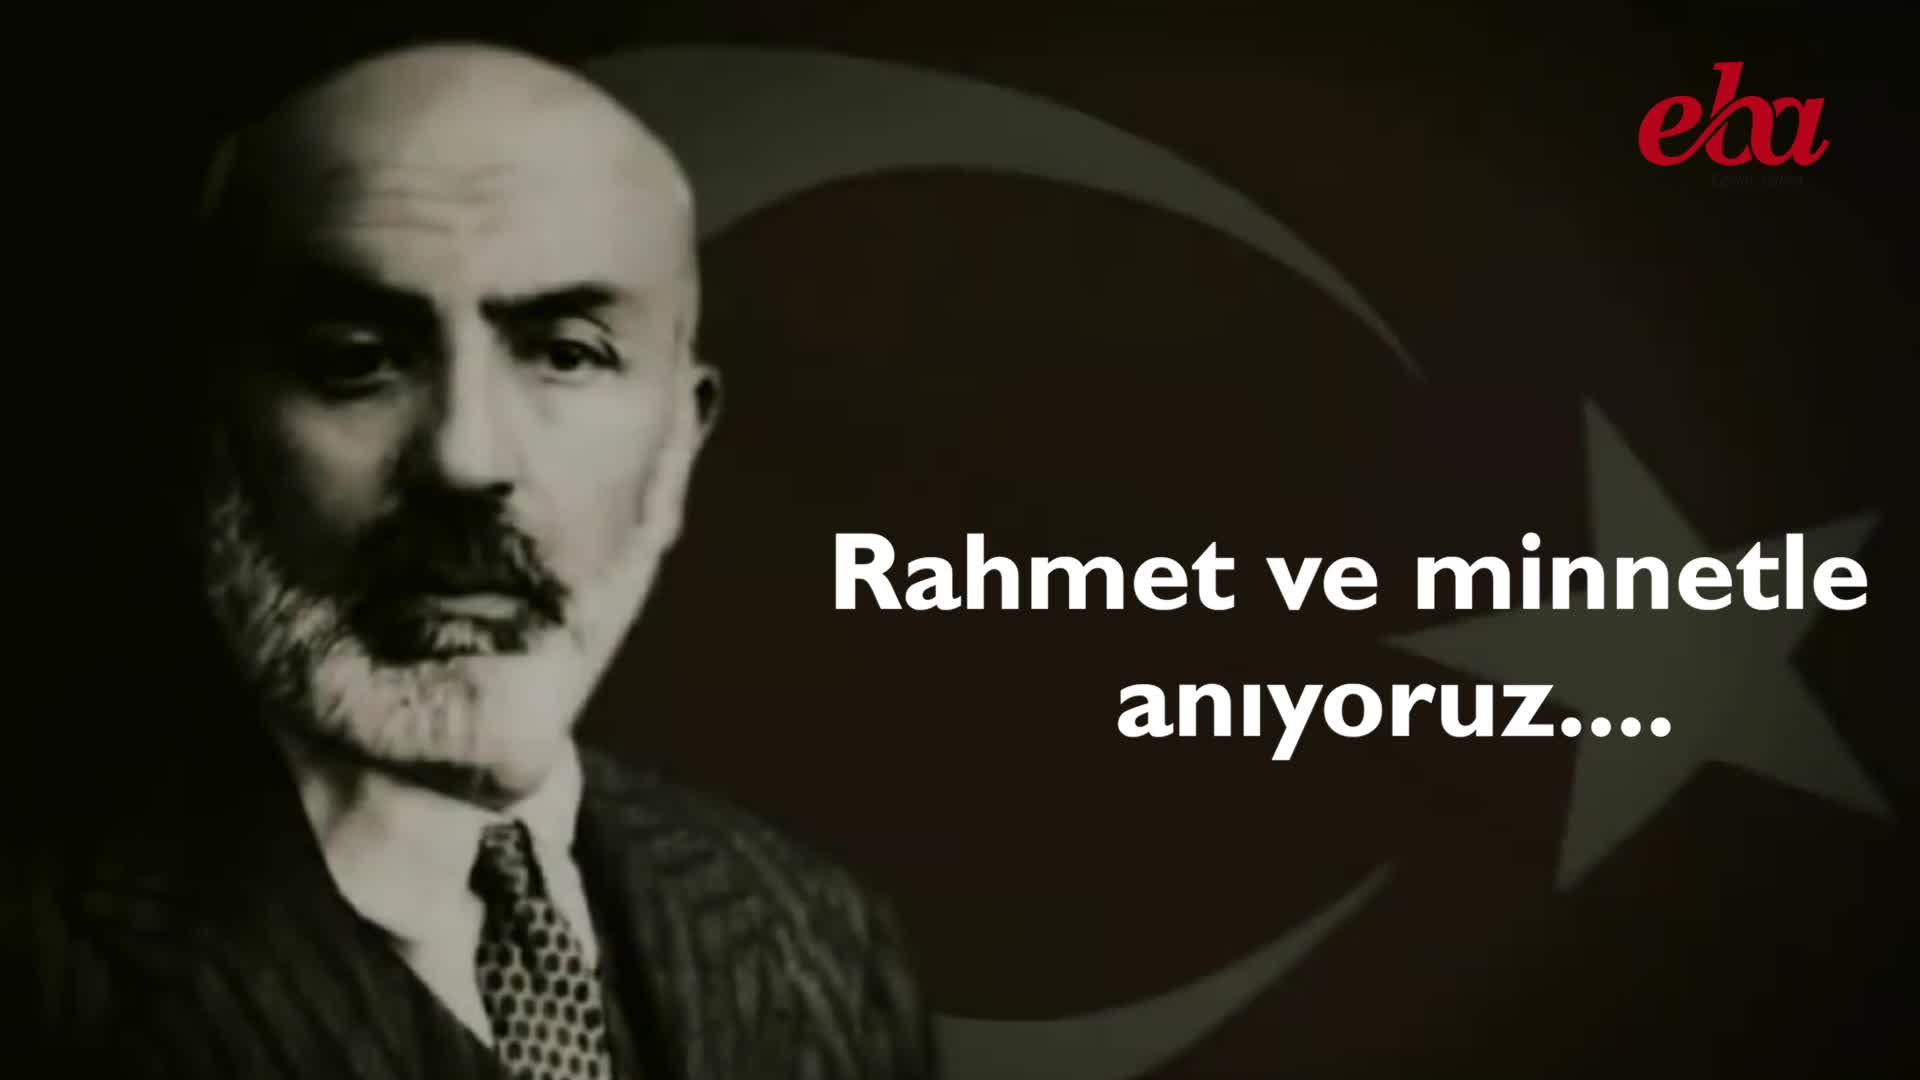 Mehmet Akif Ersoy Izle Video Eğitim Bilişim Ağı